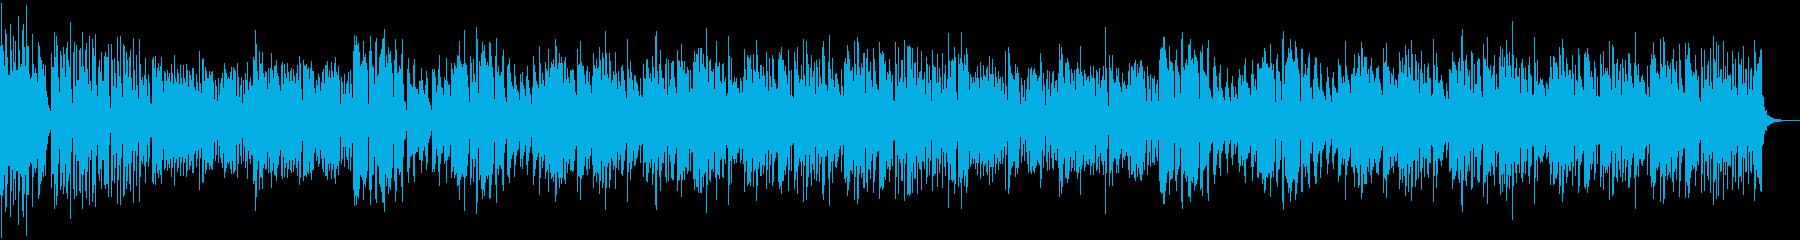 コミカルな追いかけっこのBGMの再生済みの波形